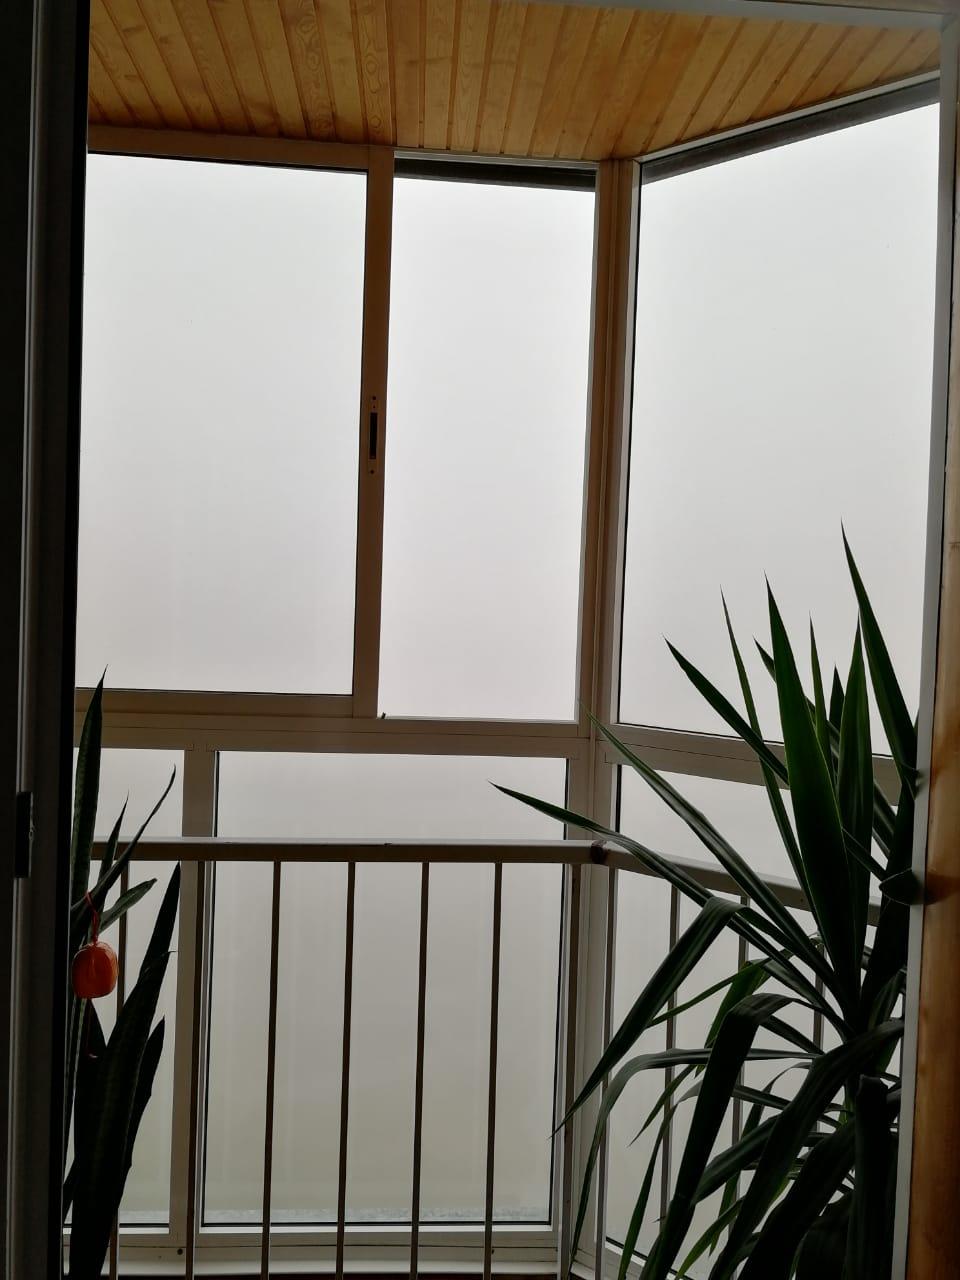 Рано утром Новосибирск окутал туман. Вкупе со смогом видимость упала до десятков метров